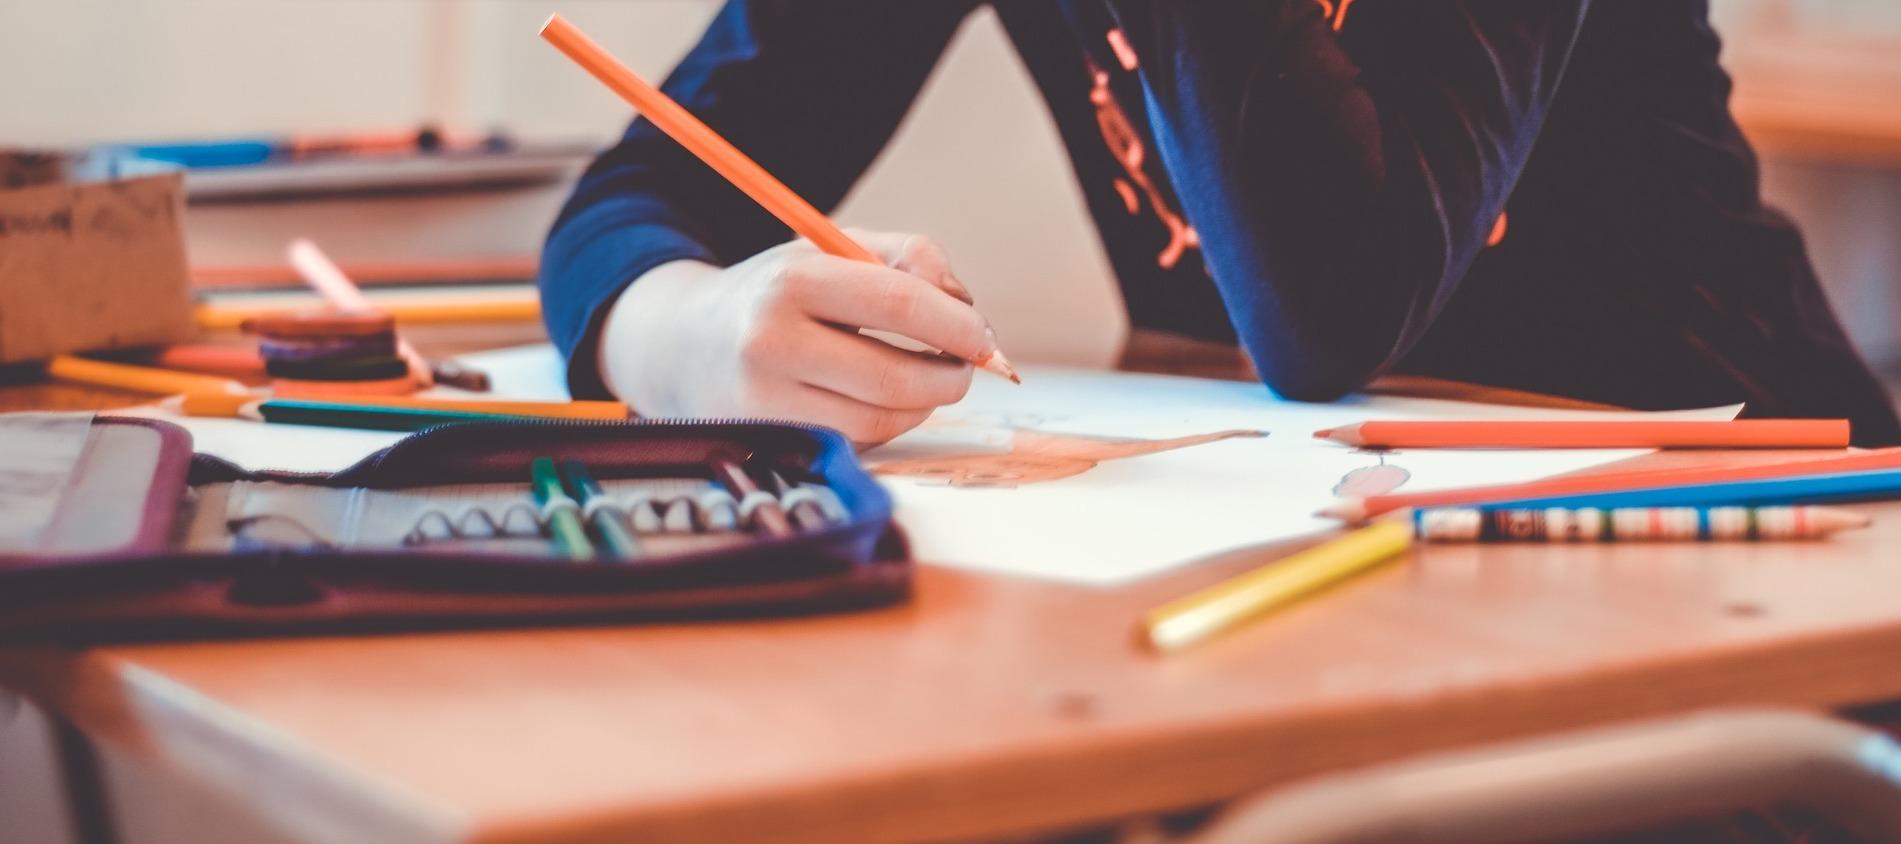 大学受験に不安があります。今の勉強方法で本当にいいのでしょうか。